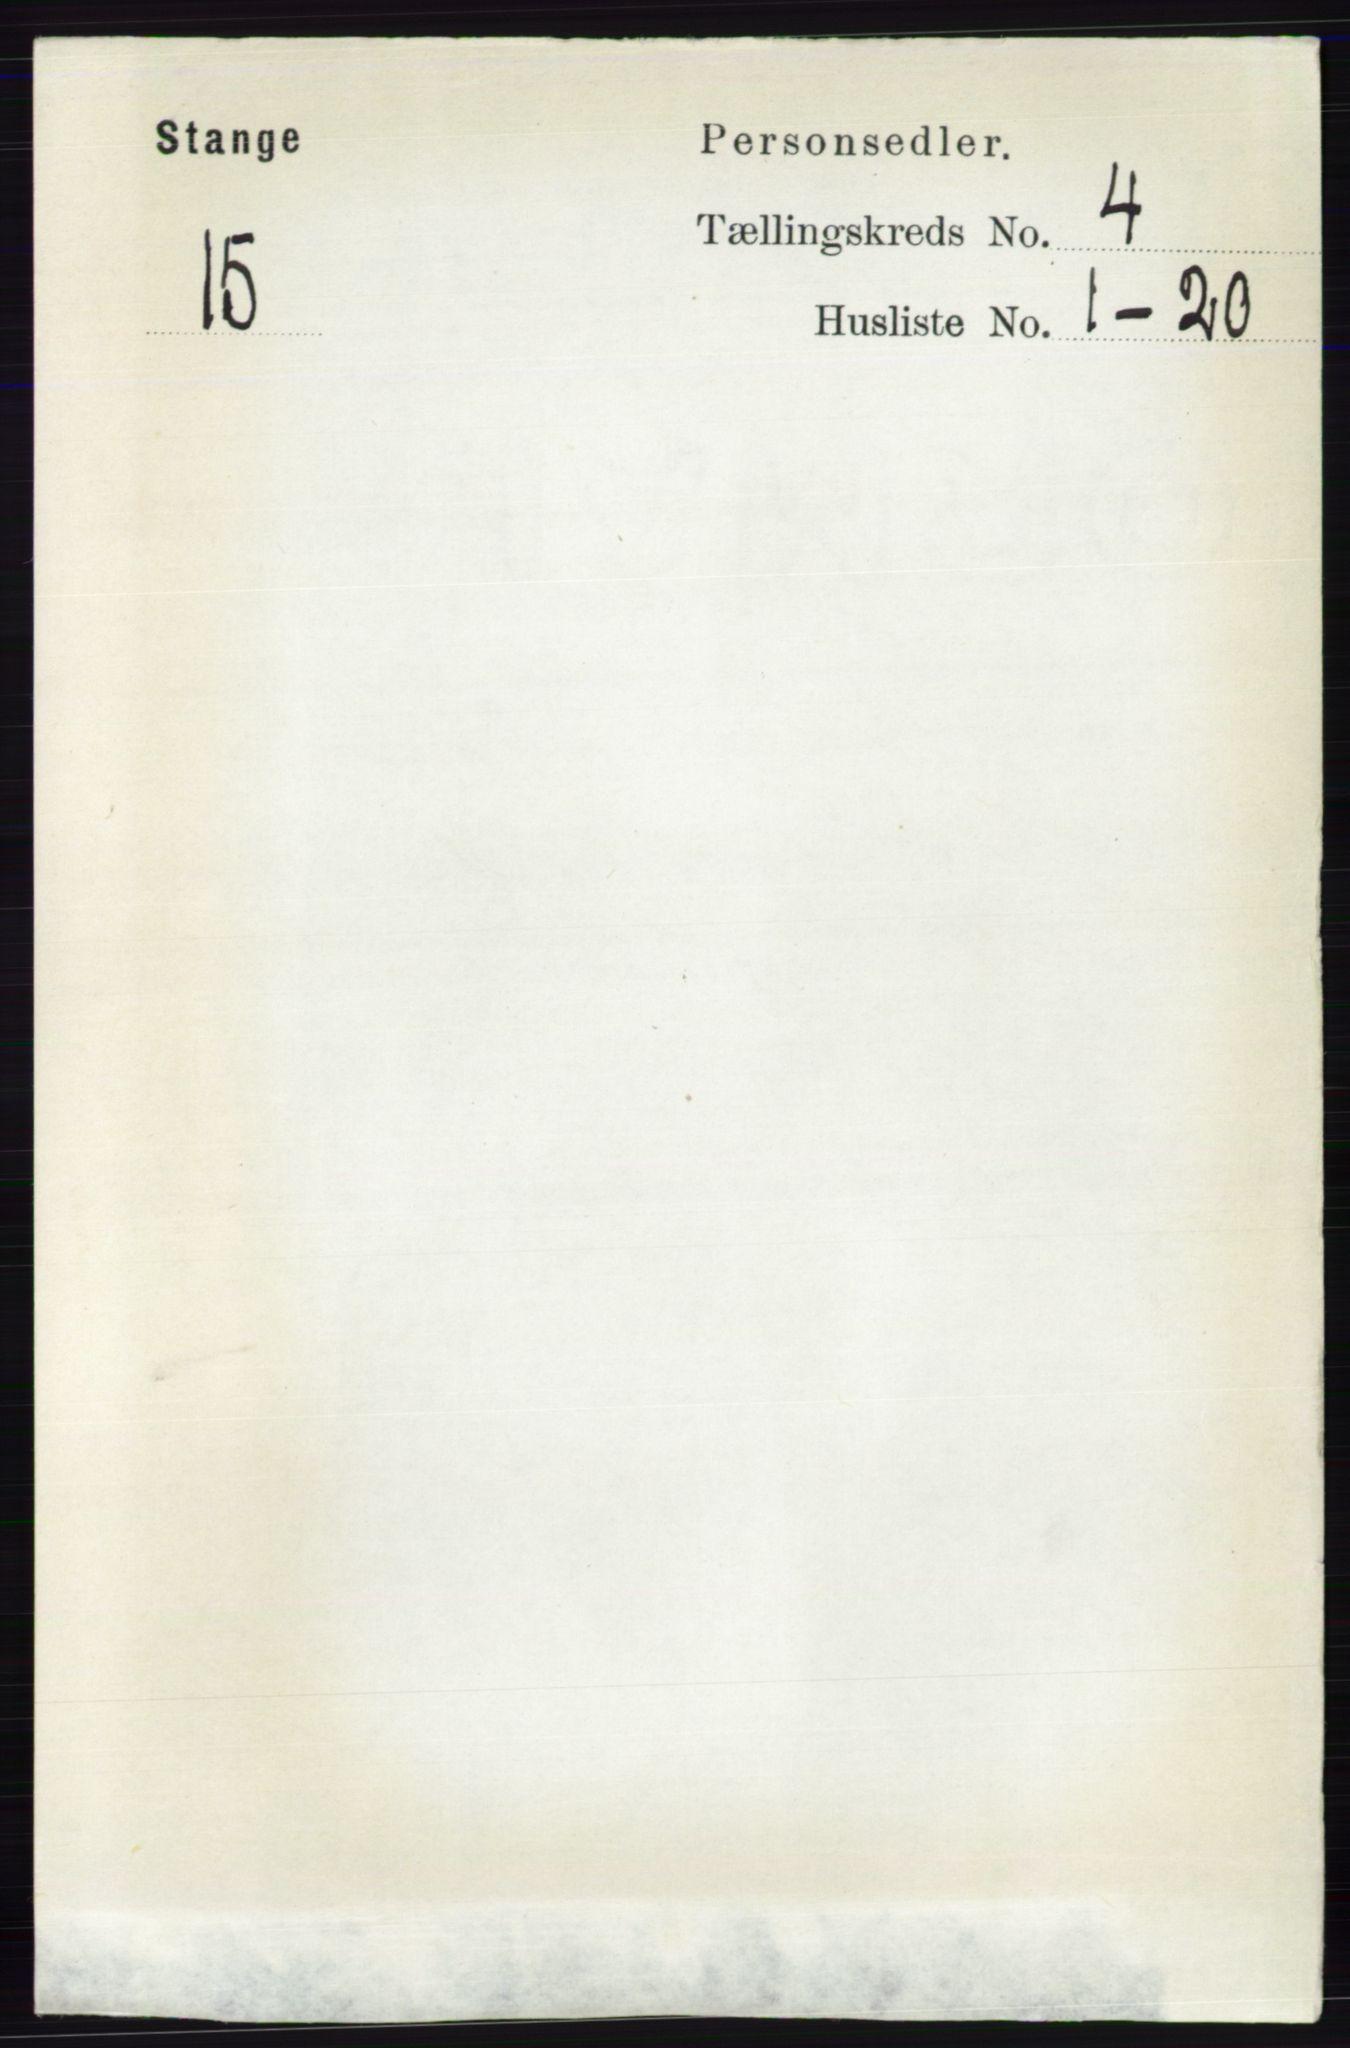 RA, Folketelling 1891 for 0417 Stange herred, 1891, s. 2324